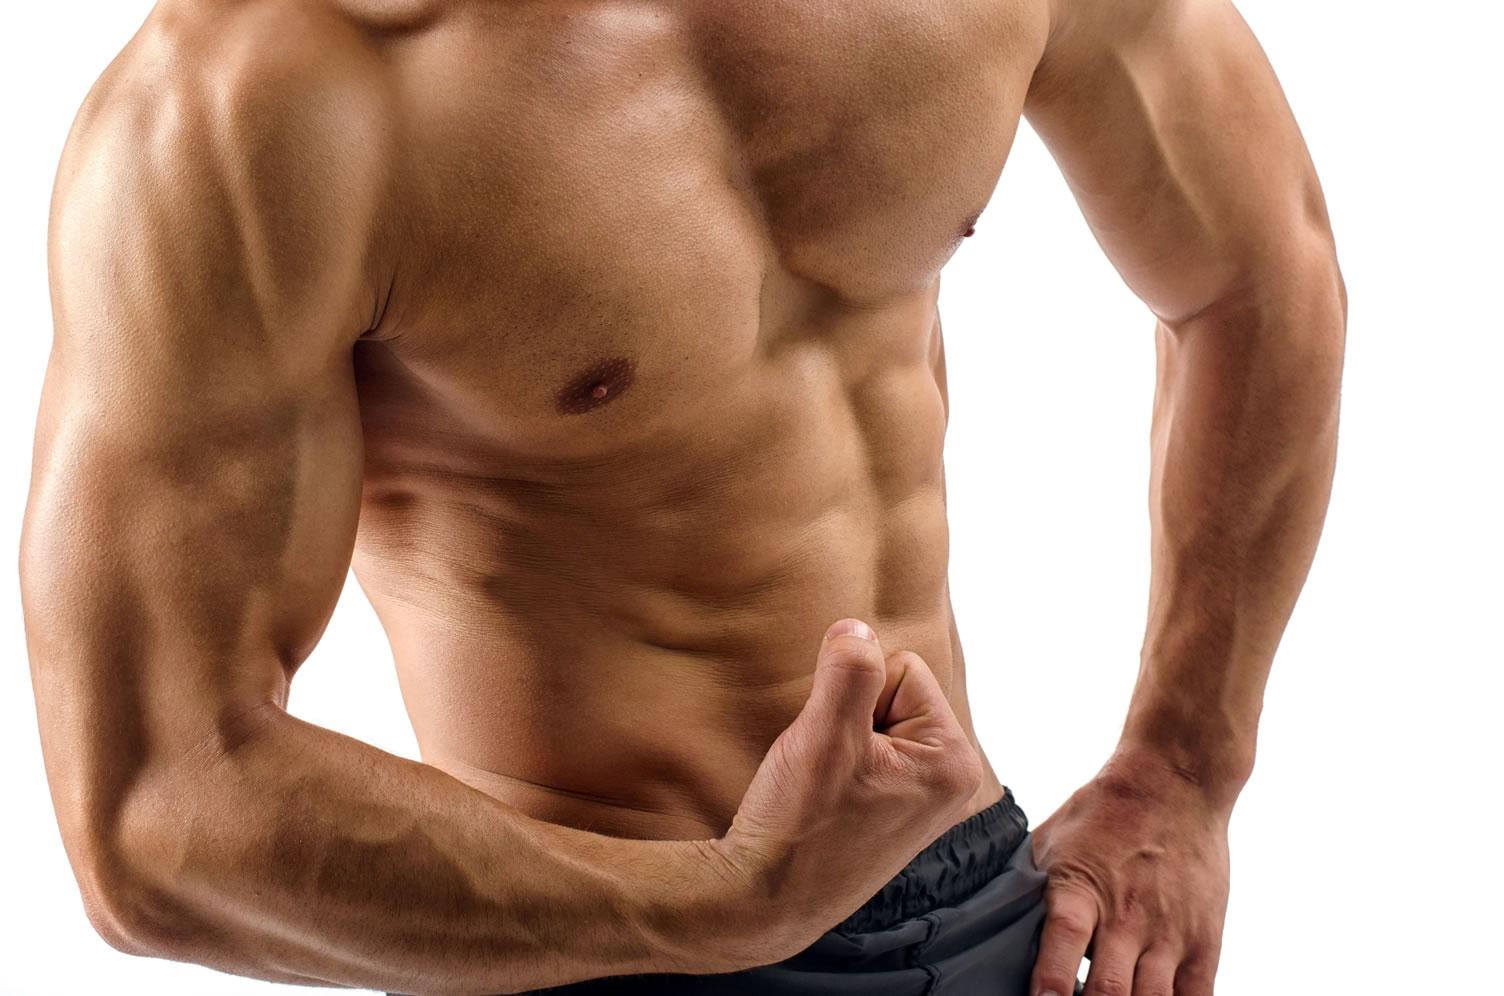 腕の筋トレをするのであればどんな方法があるの?筋トレ期間は?